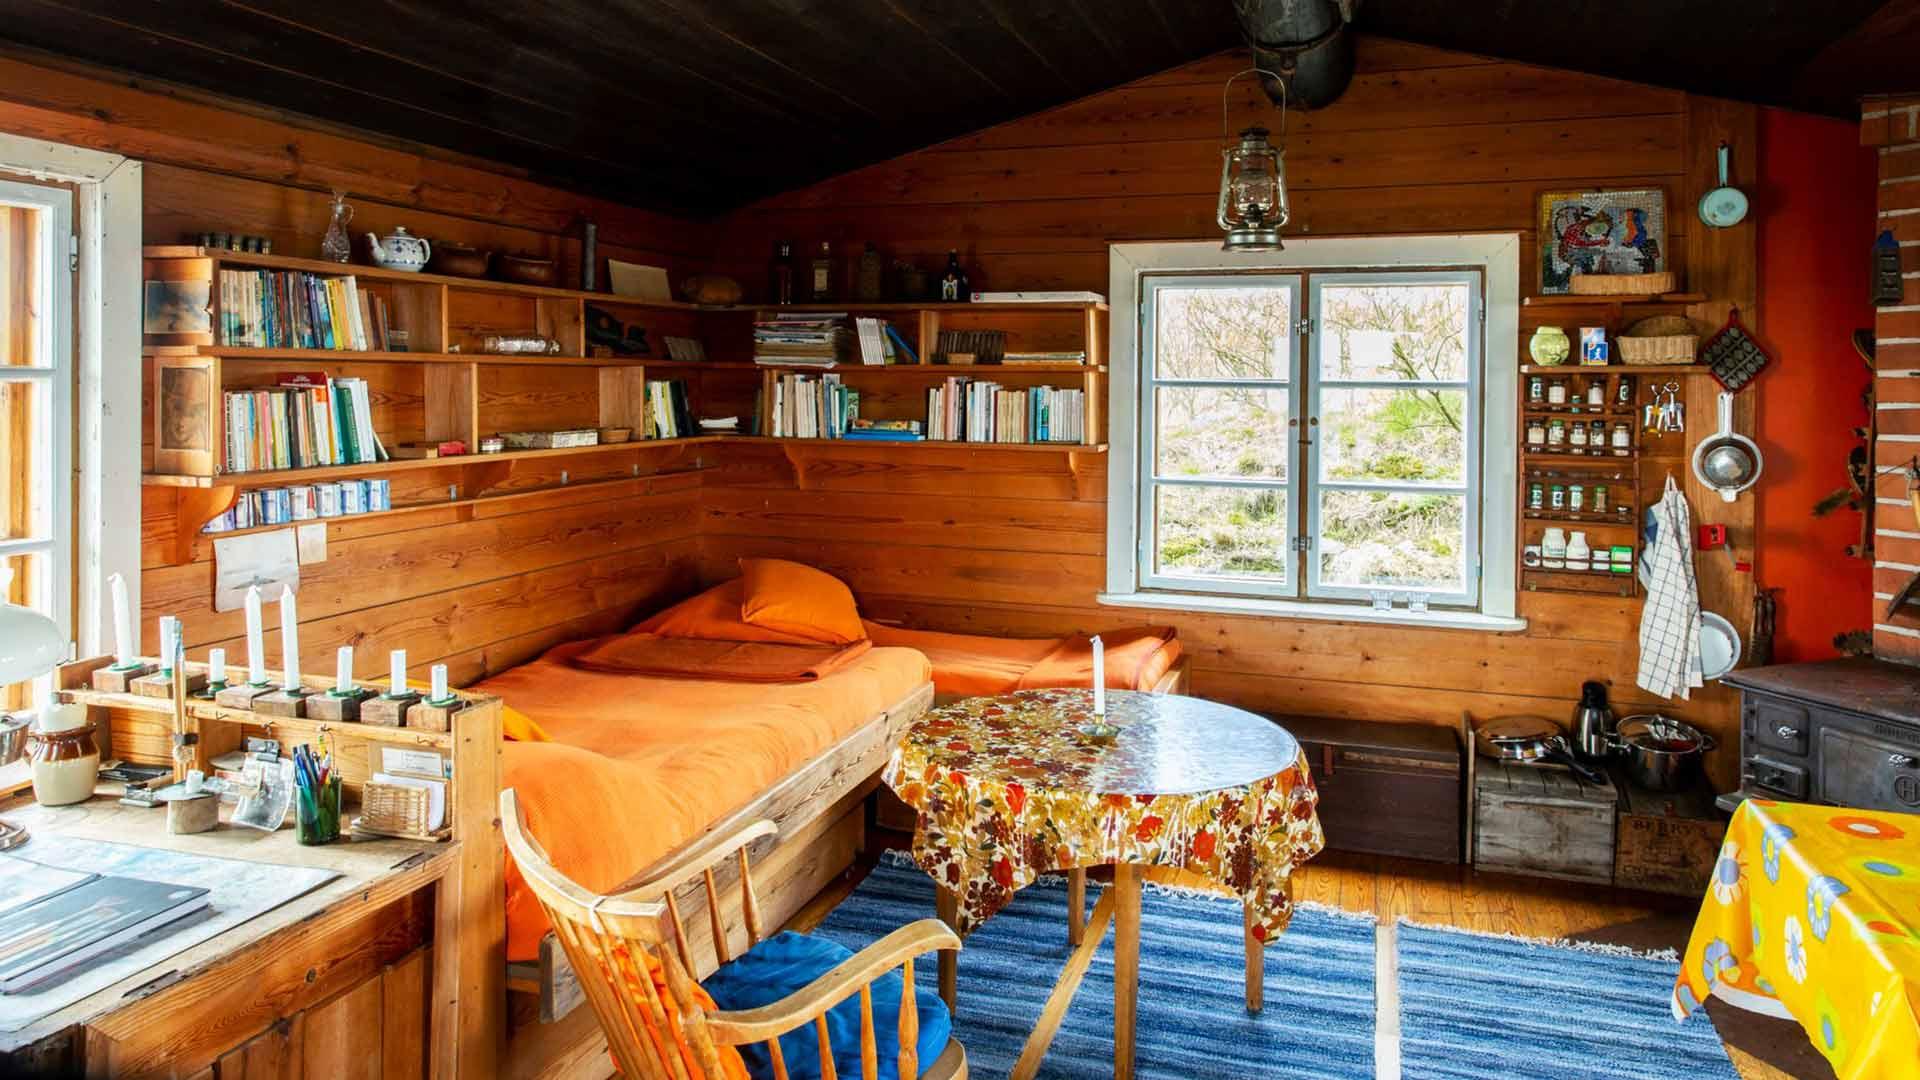 Tuulikki työskenteli kuvassa vasemmalla näkyvän työpöydän äärellä, Tove puolestaan kirjoitti toisella puolella huonetta keittiön pöydän äärellä.